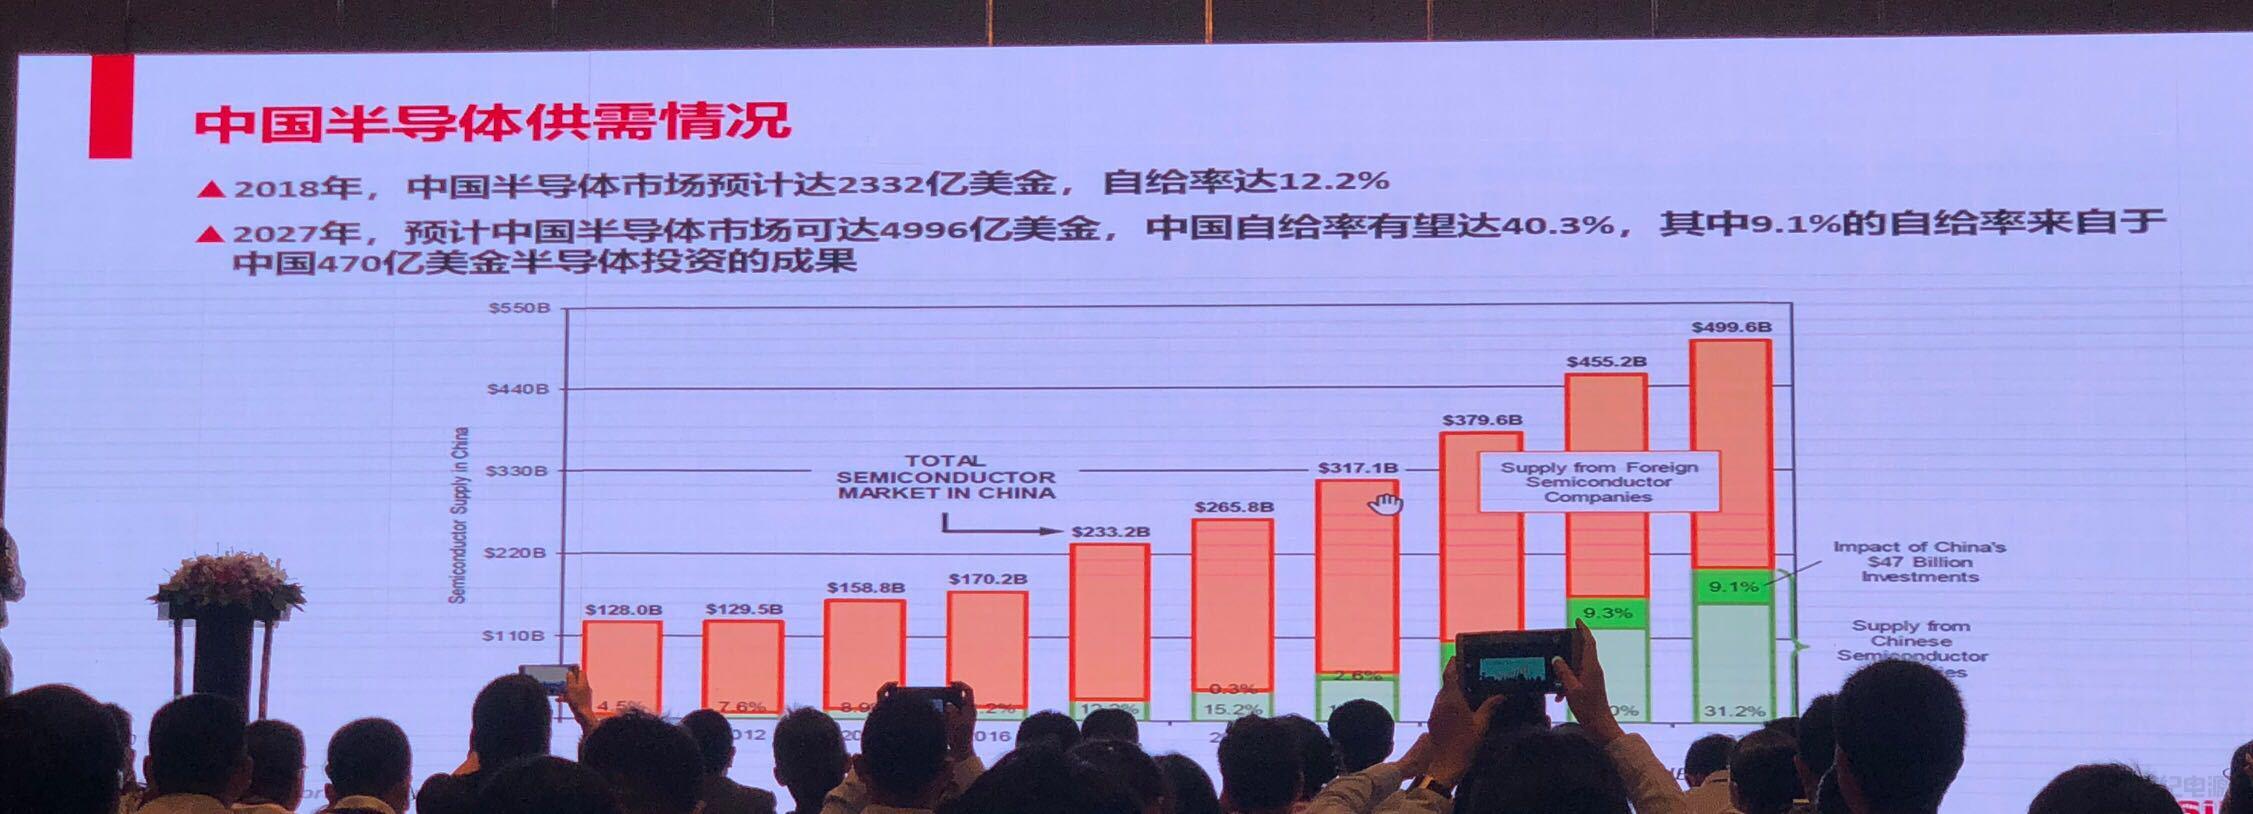 上海集成电路产业基金签约金额超200亿